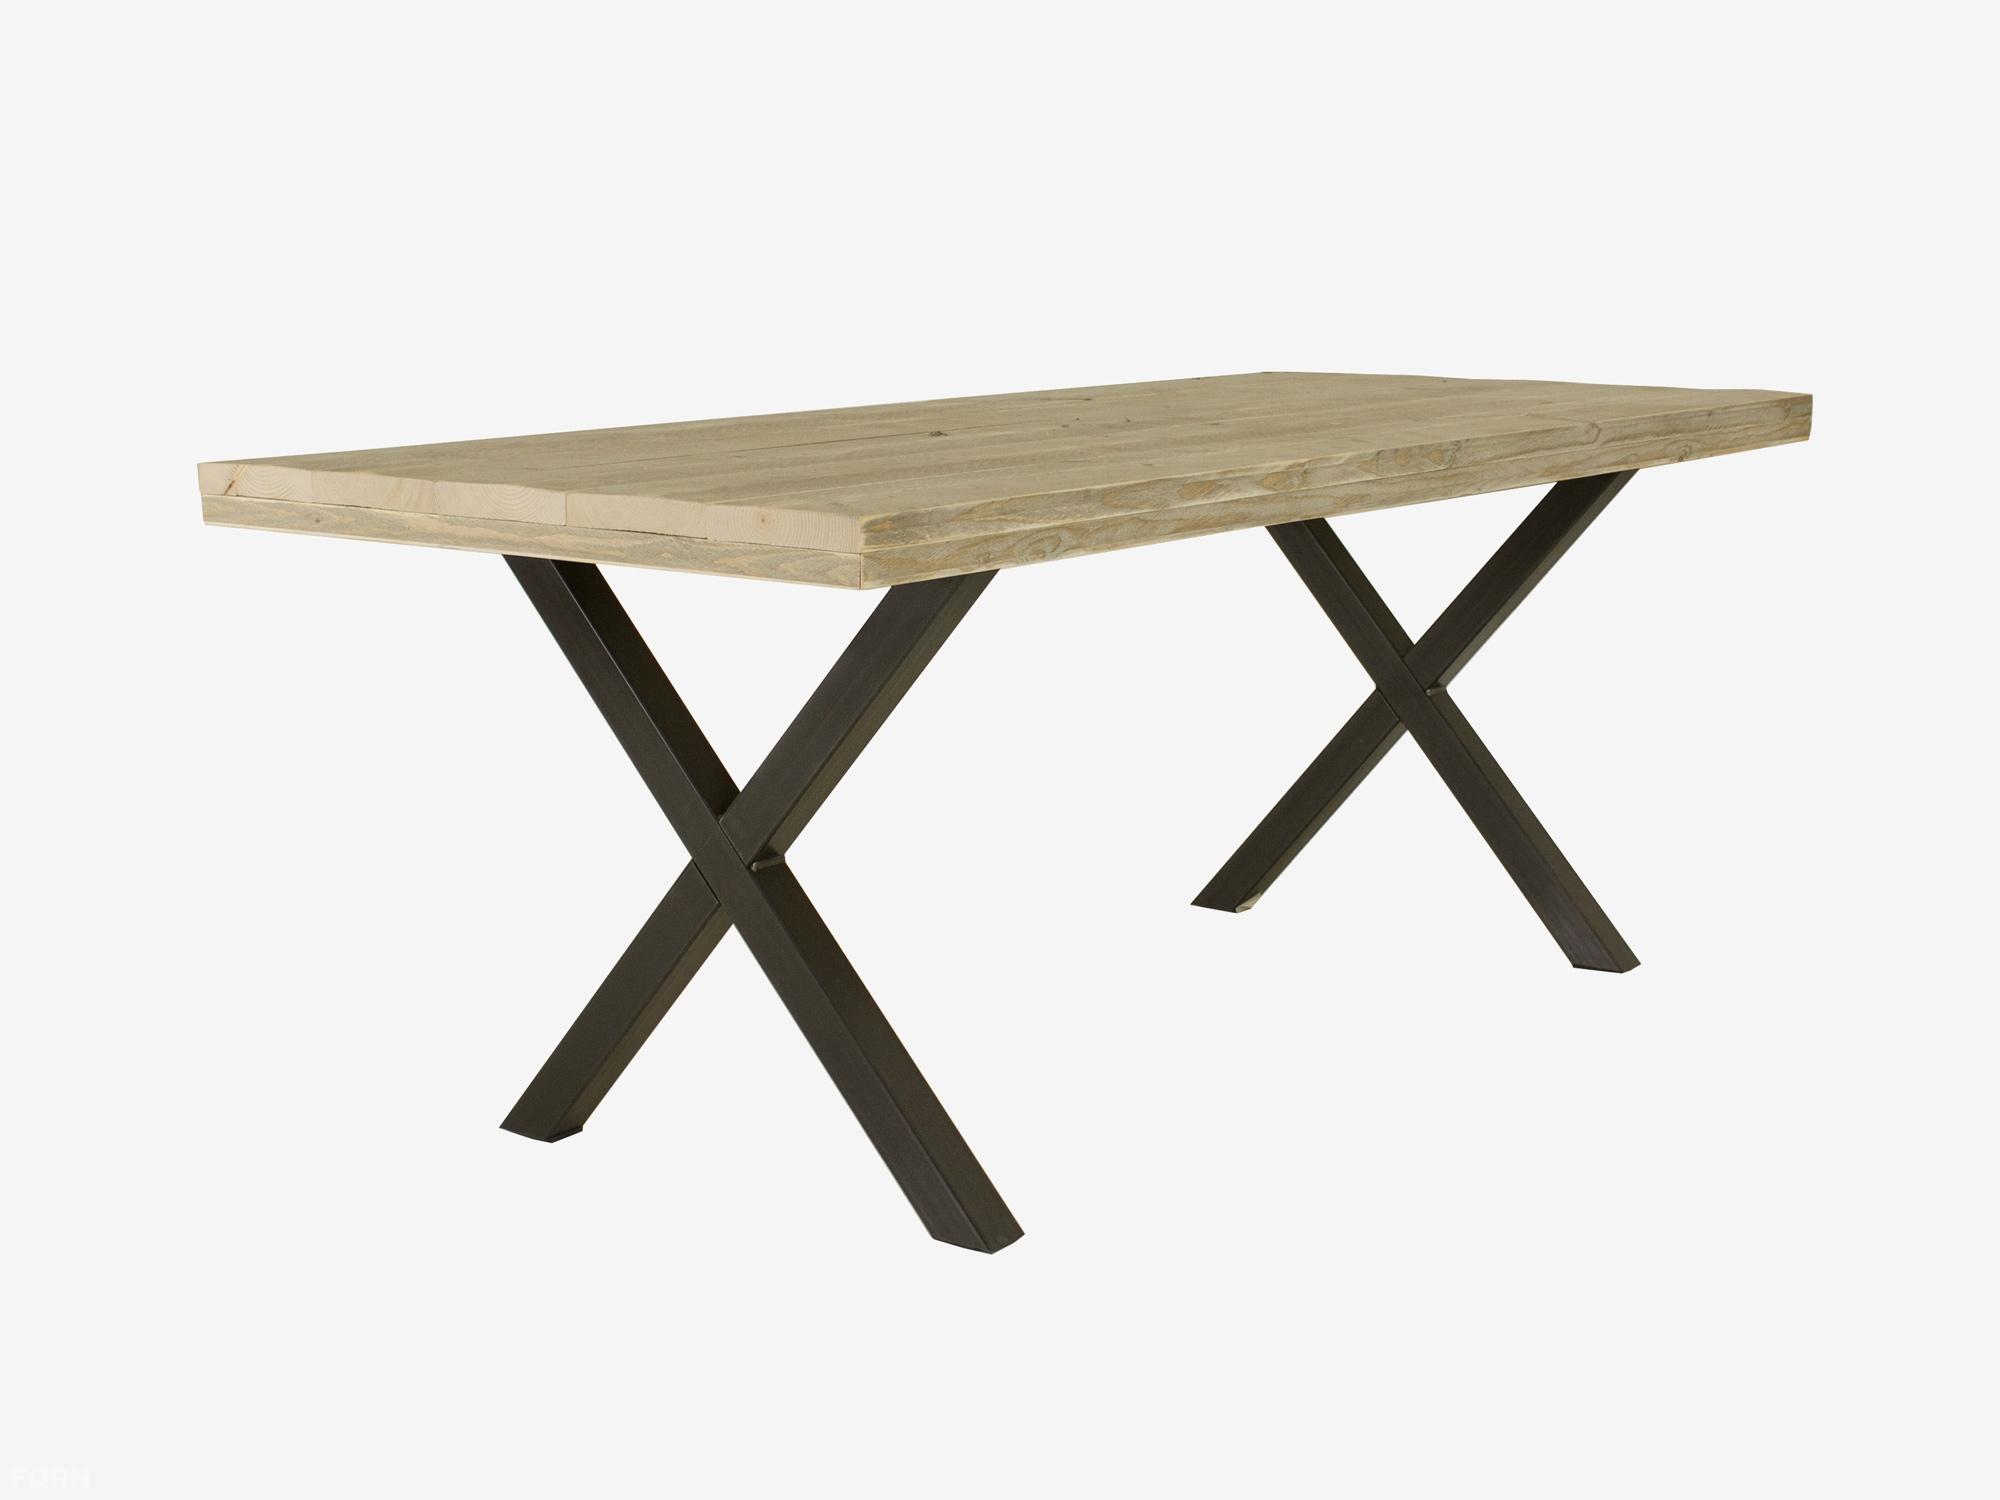 Tafel Stalen Poten : Industriële tafel x poot tibbe fØrn industriële tafels op maat